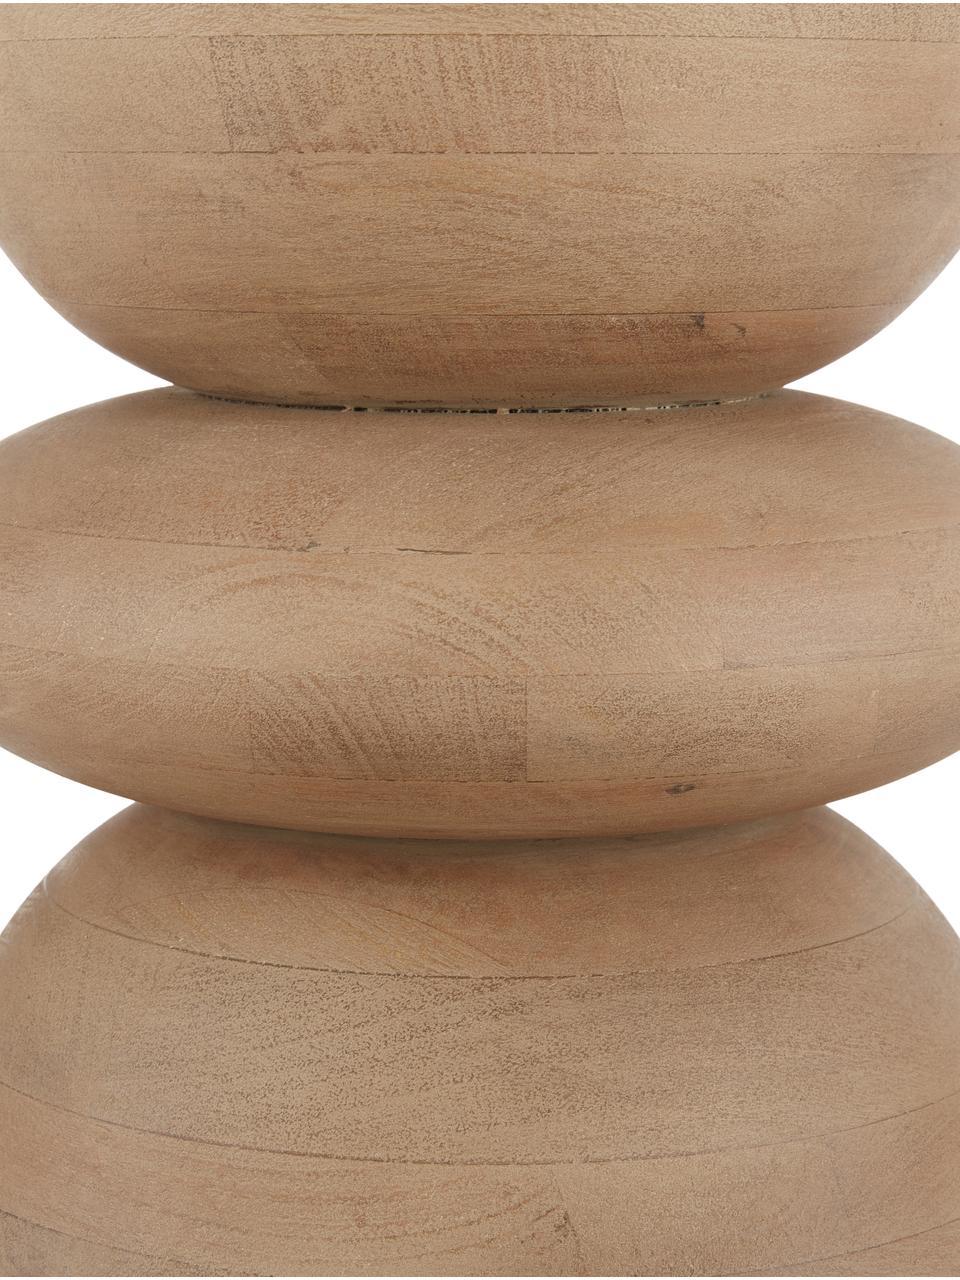 Beistelltisch Benno aus Mangoholz, Massives Mangoholz, lackiert, Mangoholz, grau gewaschen, ∅ 35 x H 50 cm